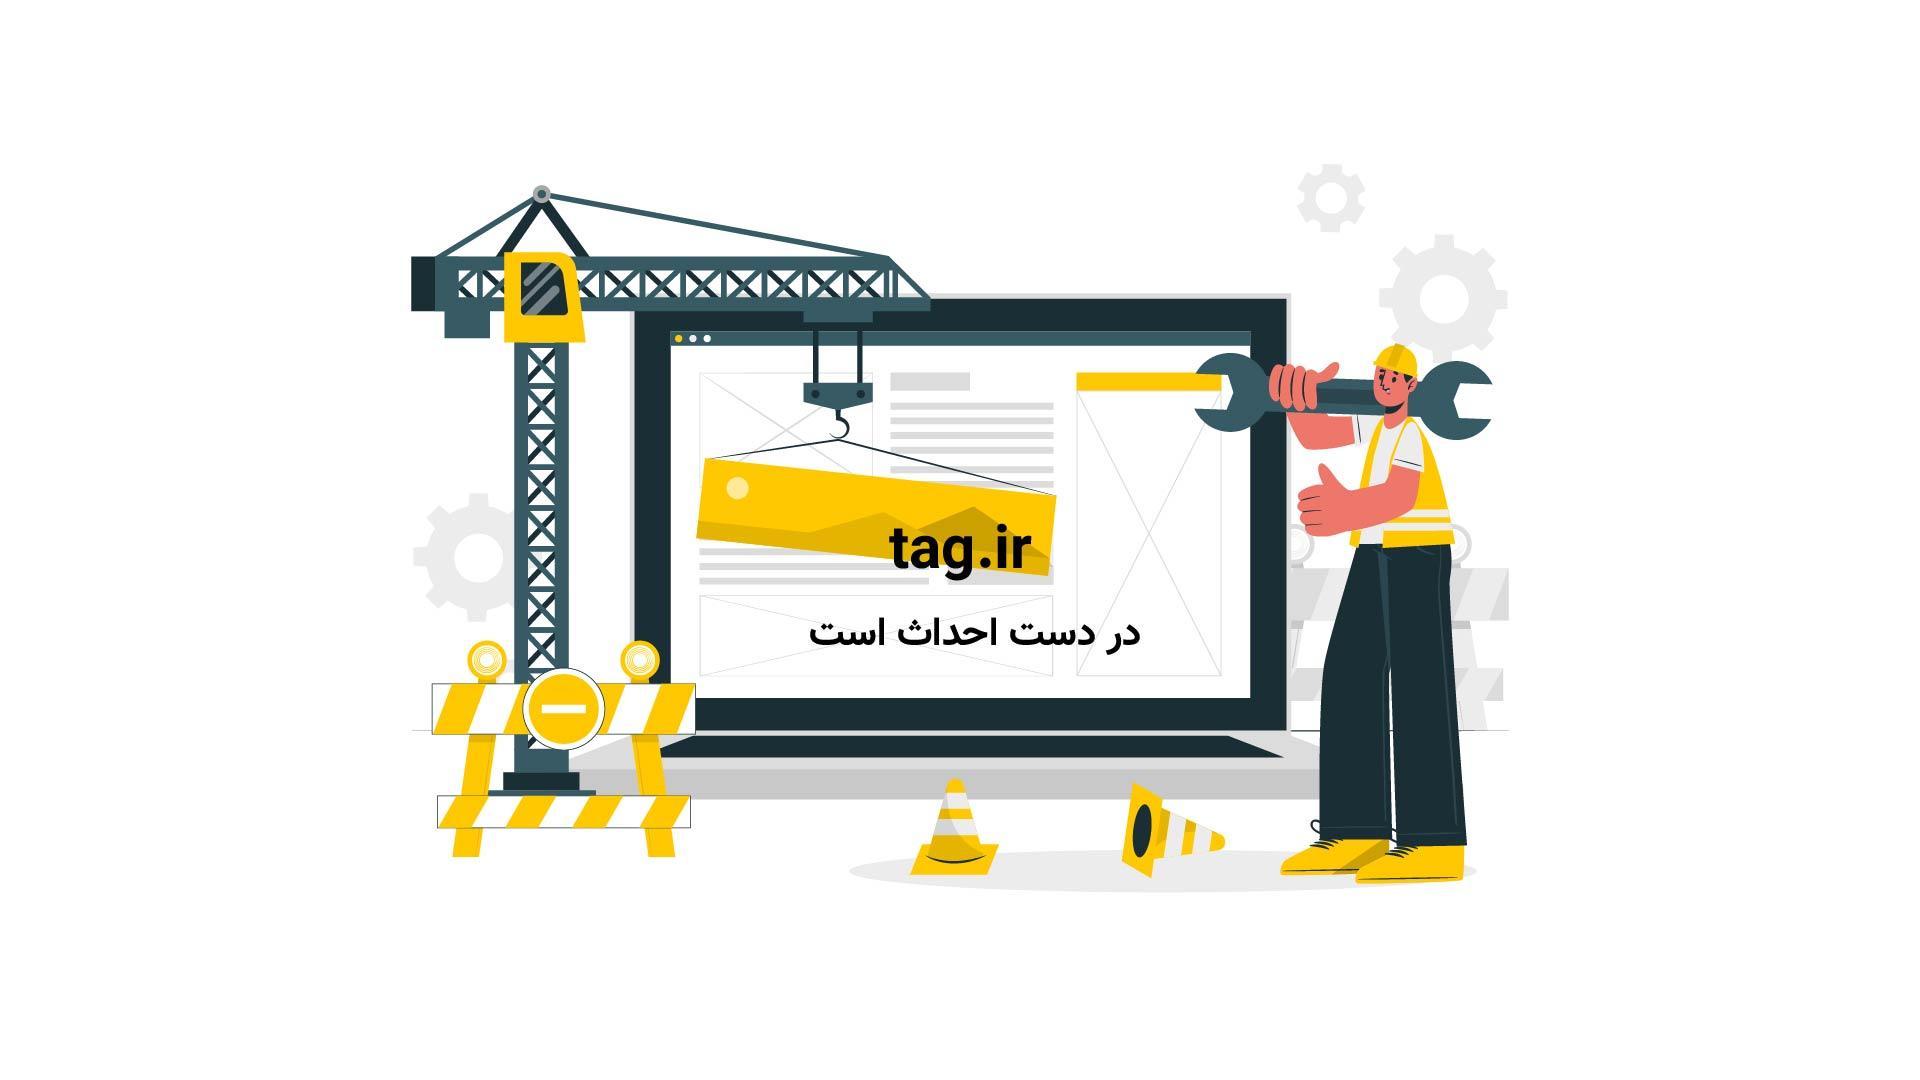 سخنرانی های تد؛ به توجهتان، توجه کنید | فیلم